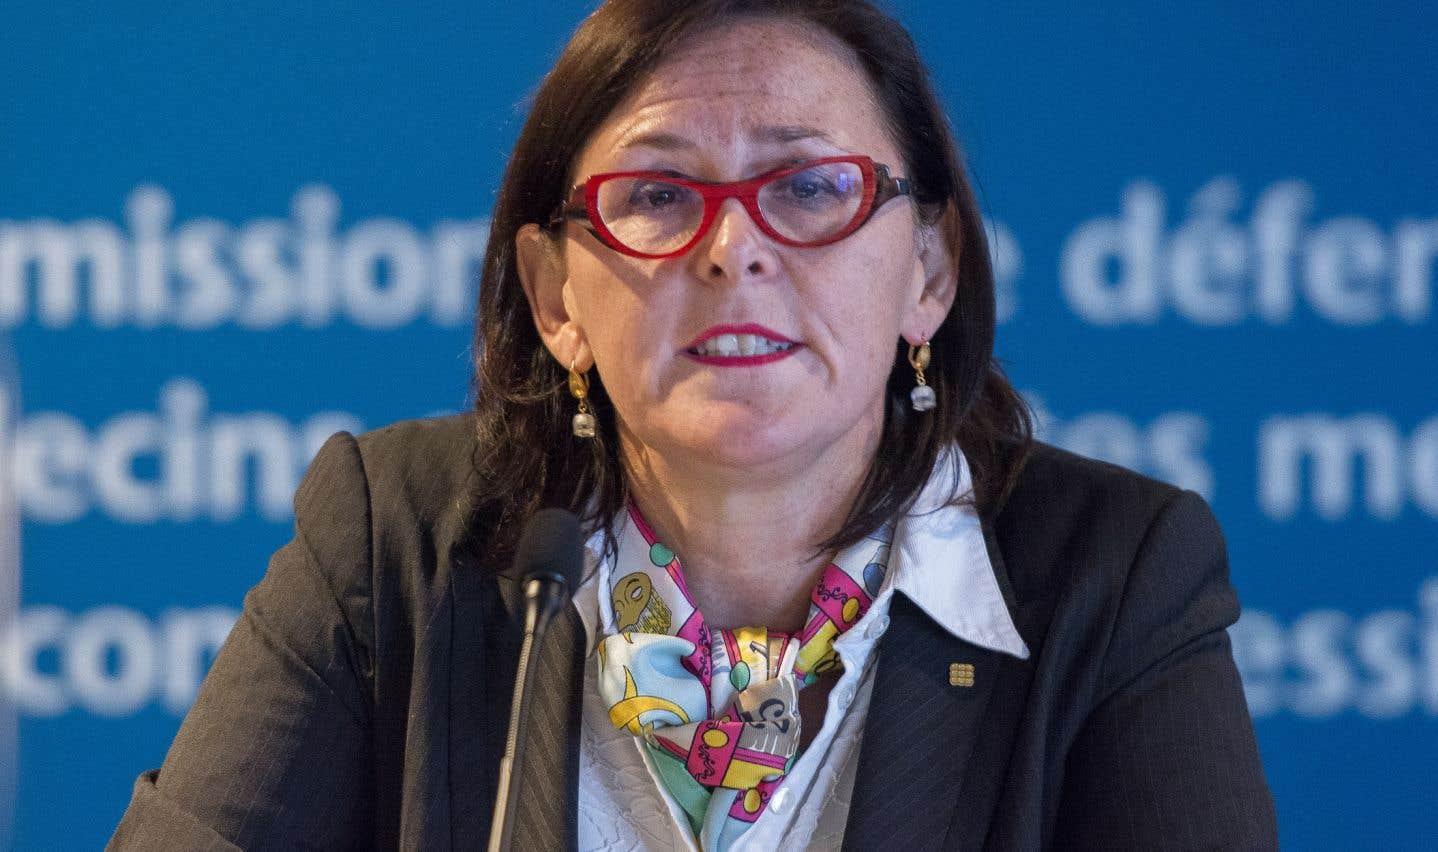 La présidente de la Fédération des médecins spécialistes du Québec (FMSQ), Diane Francoeur